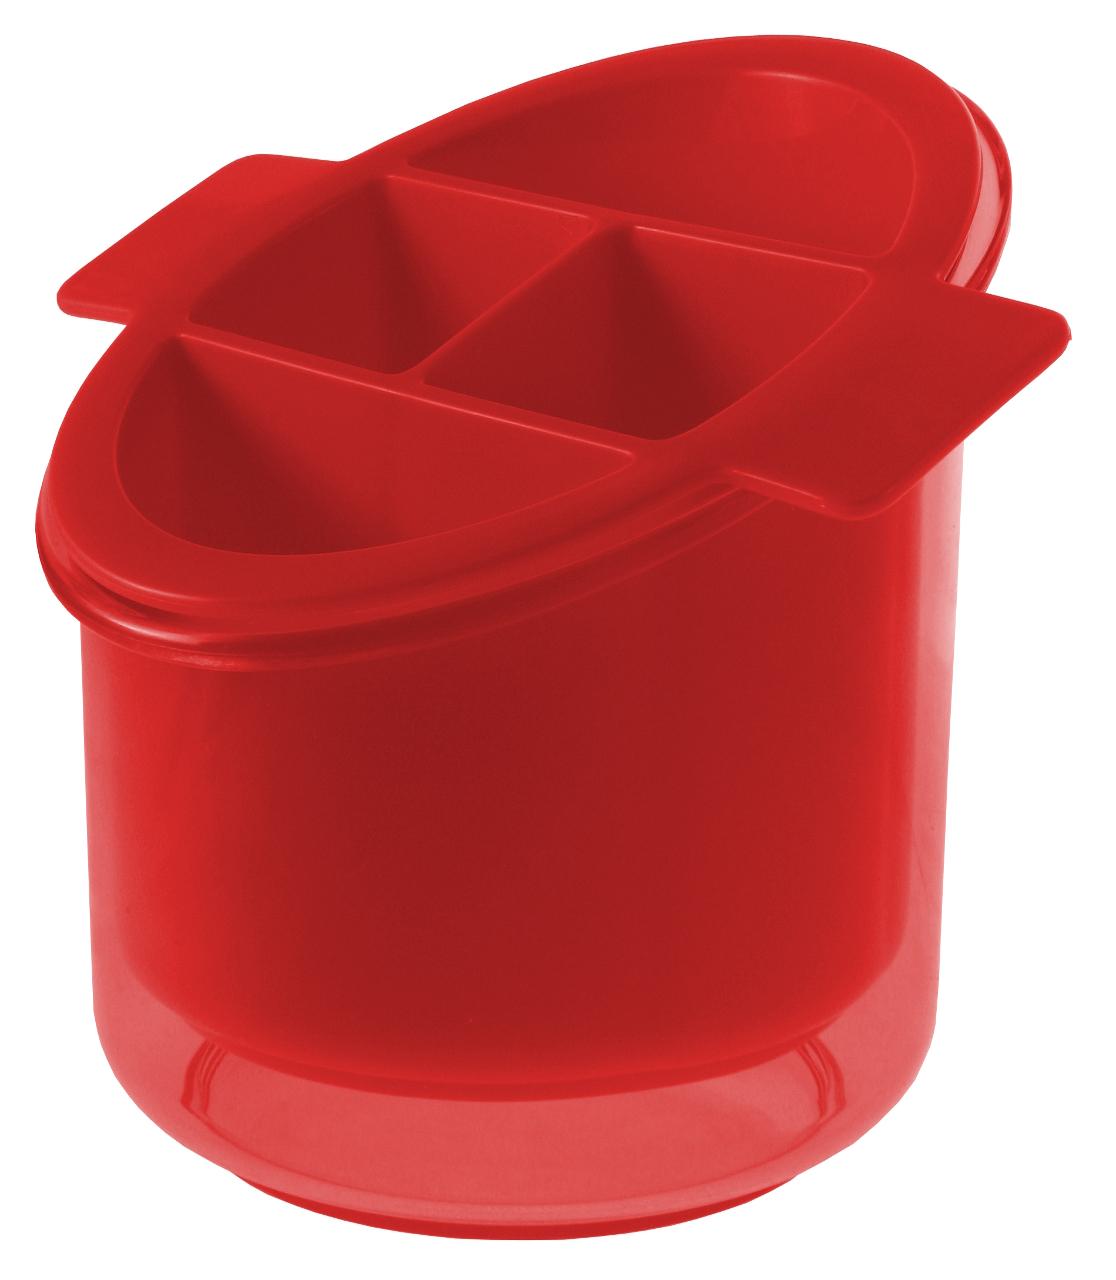 Scolaposate rosso forme casa guzzini for Guzzini casa catalogo